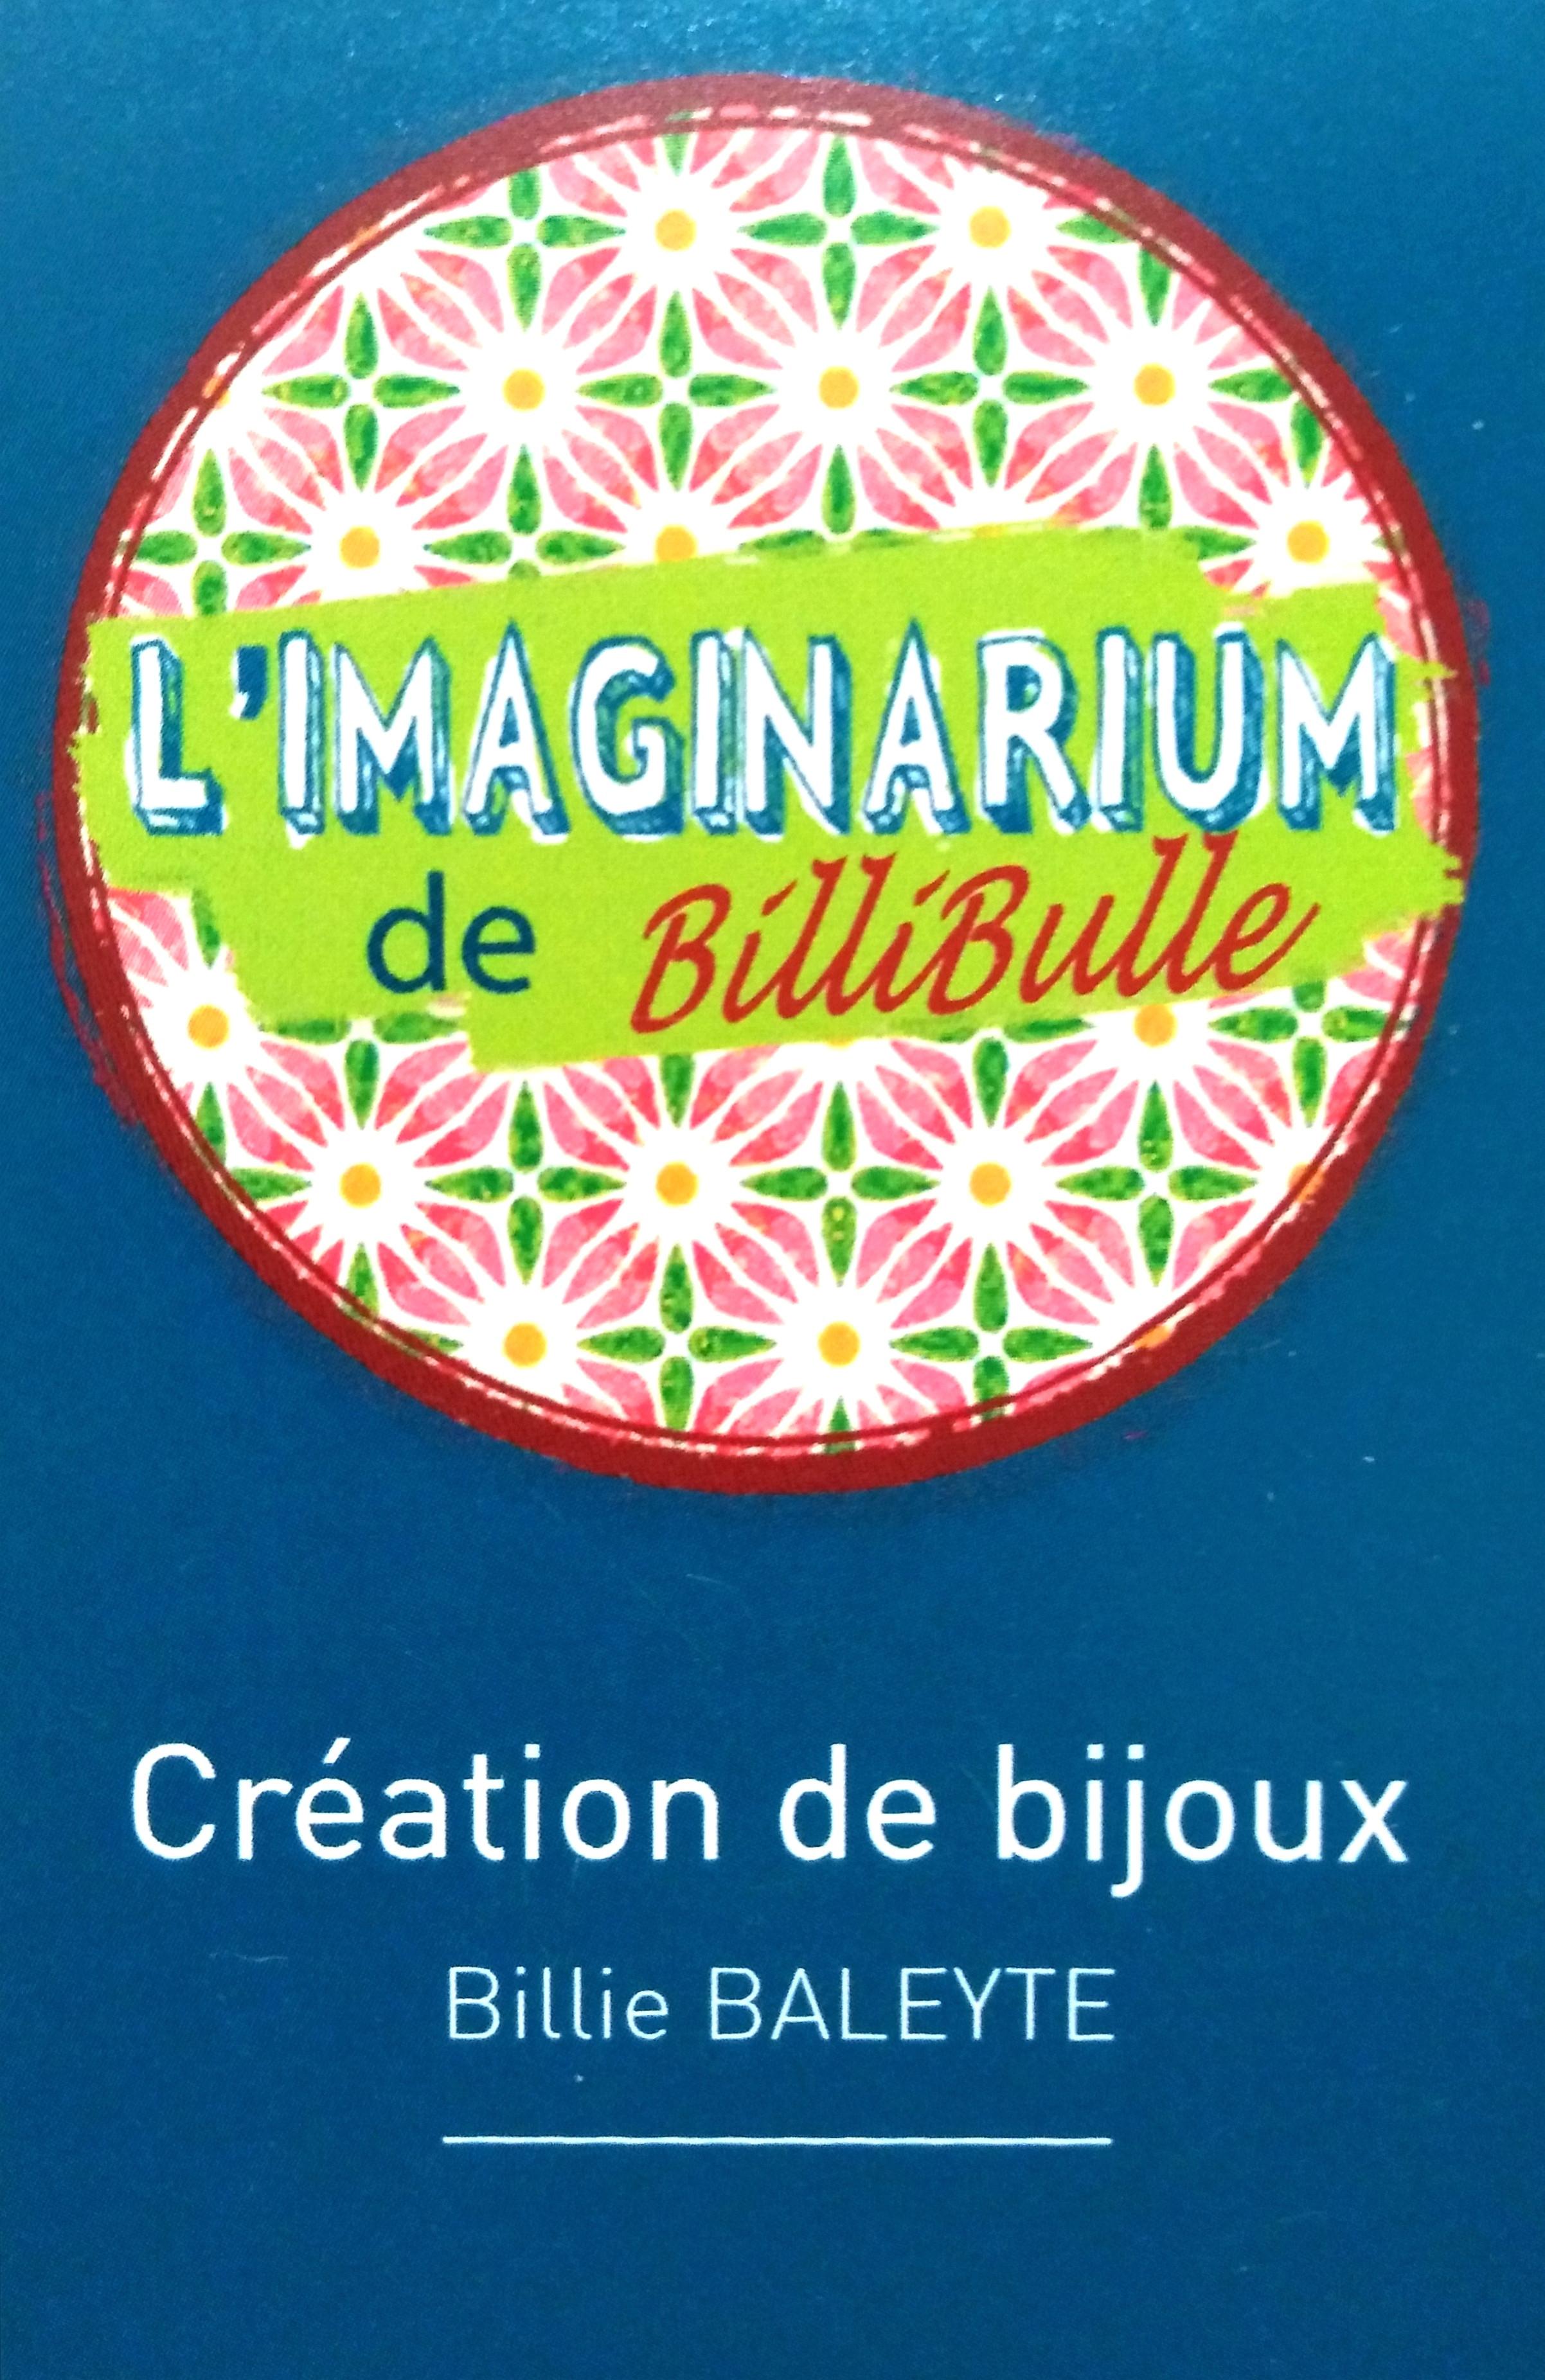 L'Imaginarium de BilliBulle